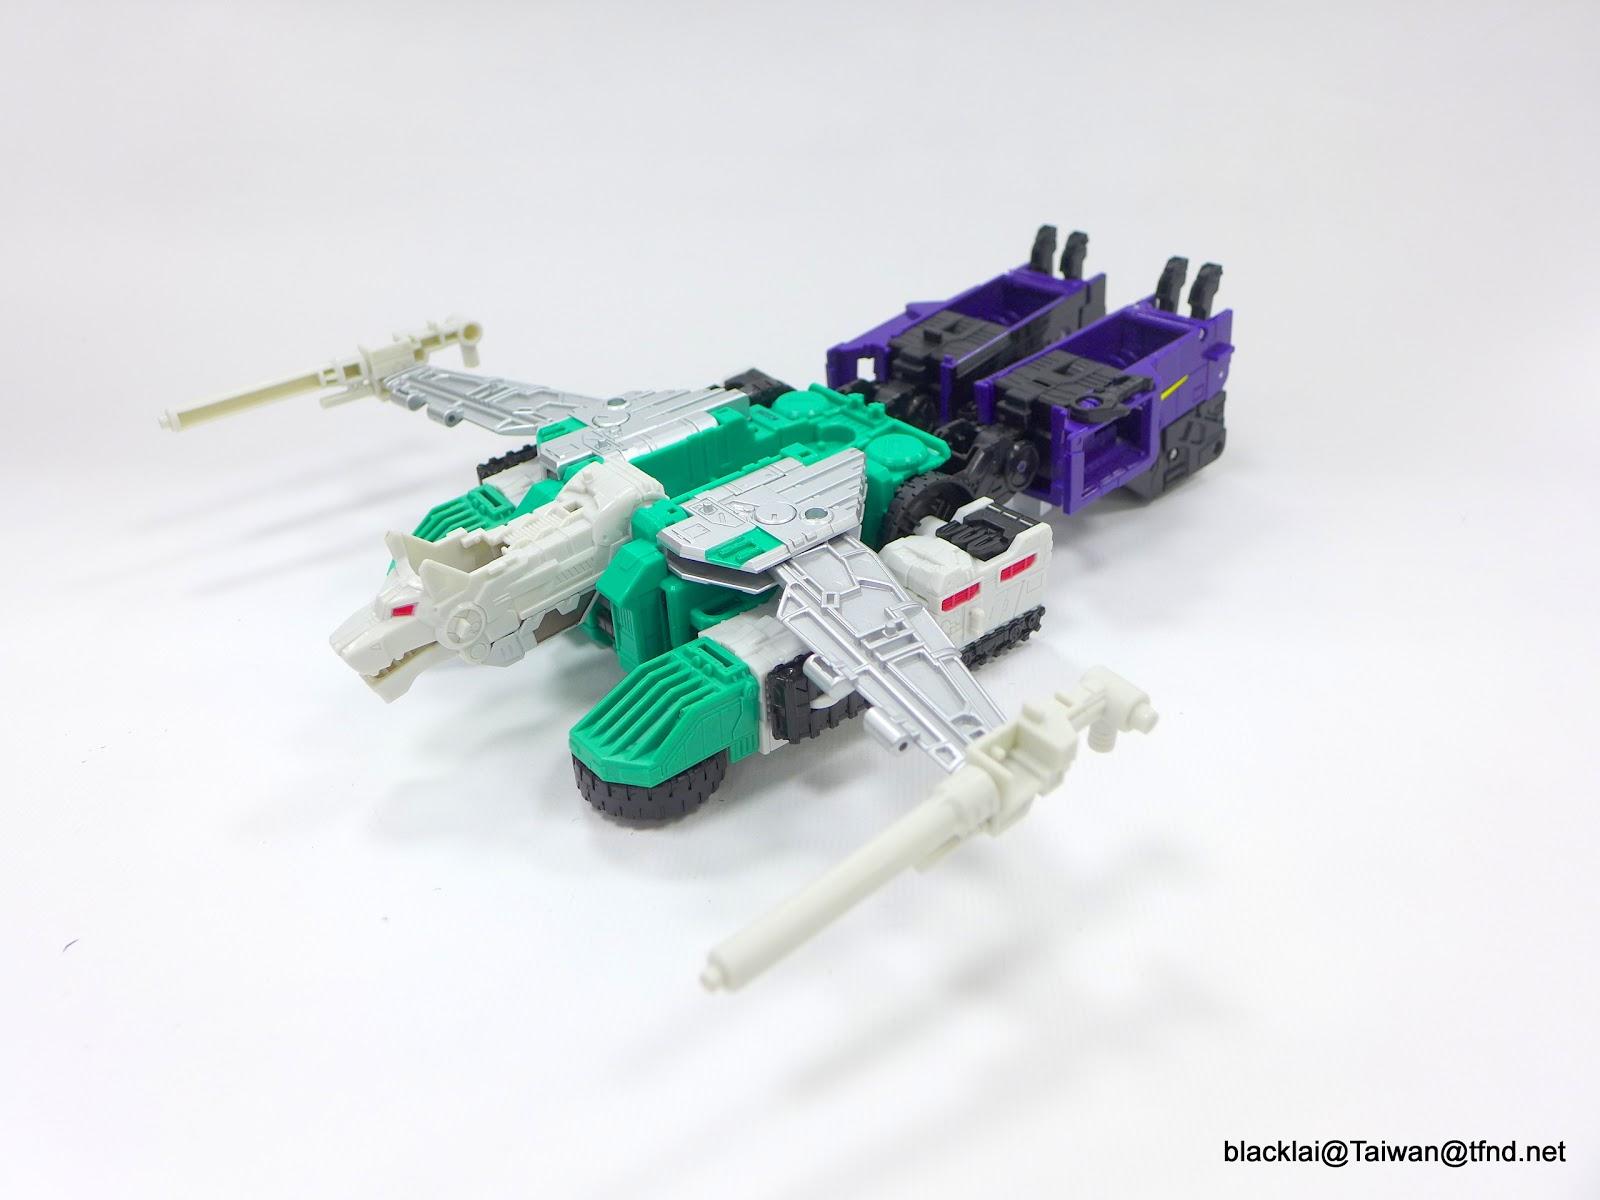 Jouets Transformers Generations: Nouveautés Hasbro - partie 2 - Page 40 P1510026